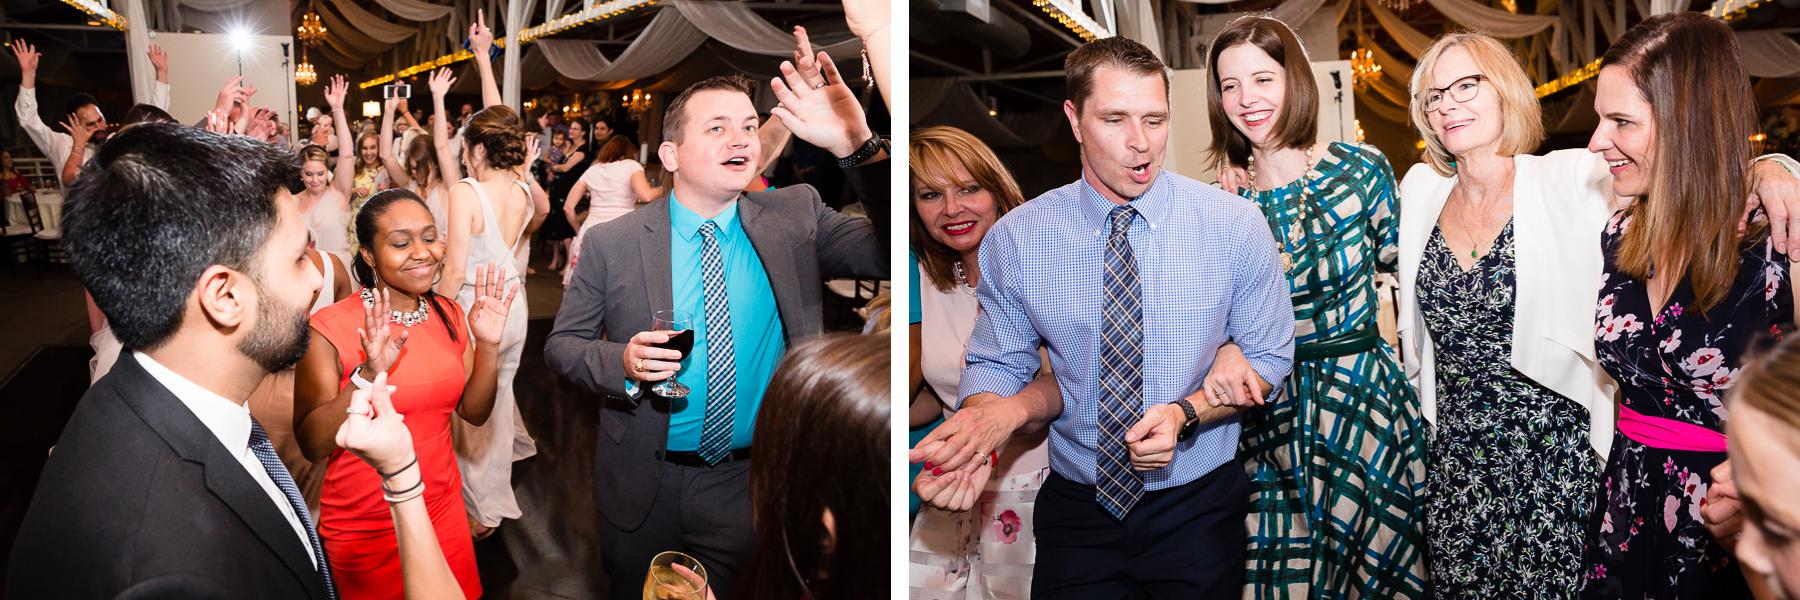 dance-party-photos-austin.jpg